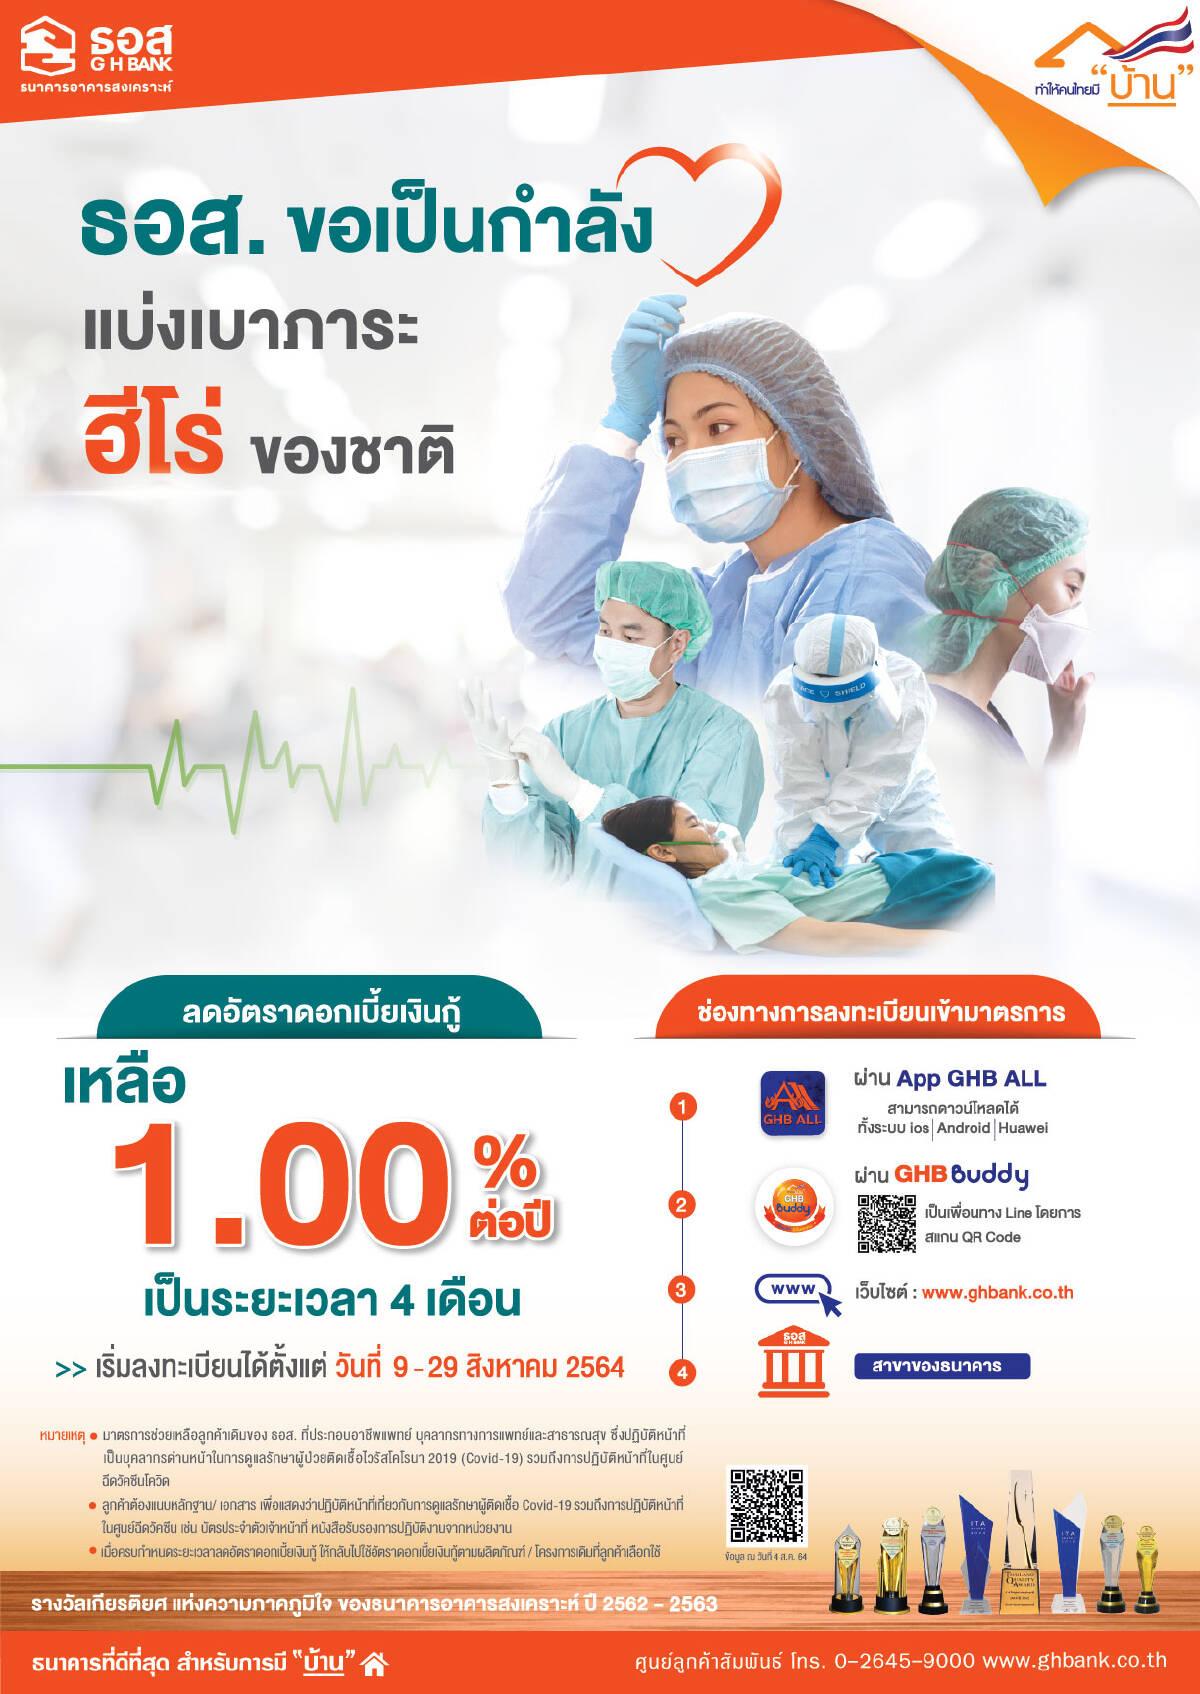 โครงการ My Hero: บุคลากรทางการแพทย์และสาธารณสุข